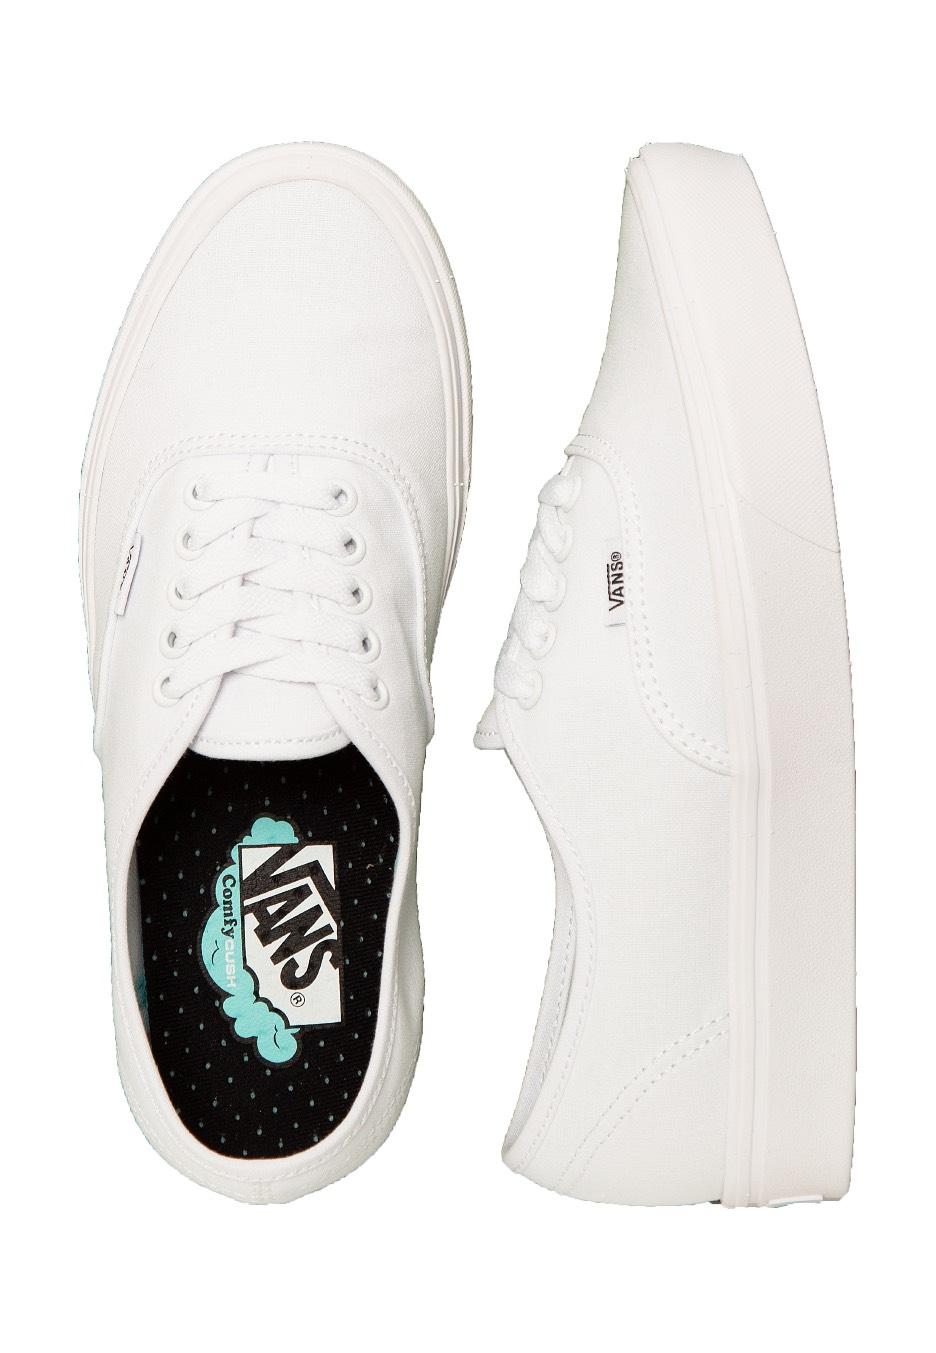 90a786d56cd84c Vans - ComfyCush Authentic Classic True White True White - Damesschoenen -  Impericon.com NL